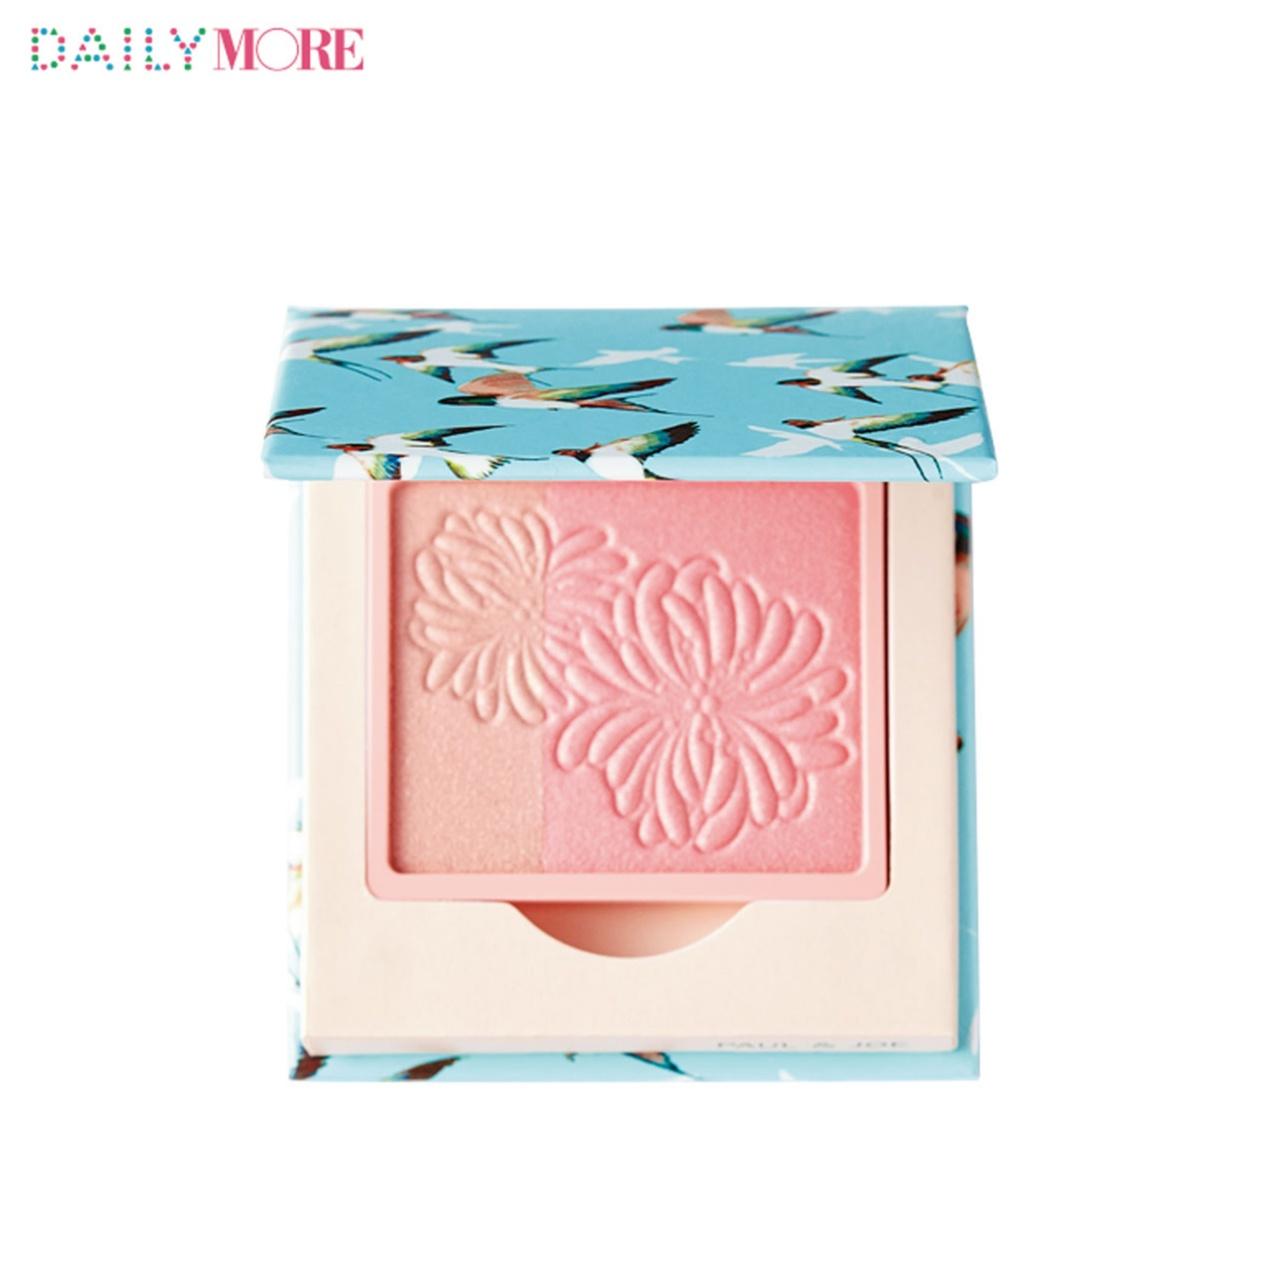 春の眉は『ポール & ジョー ボーテ』のコーラルピンクを♡ 大人のための「ピンクメイク」のトリセツ_3